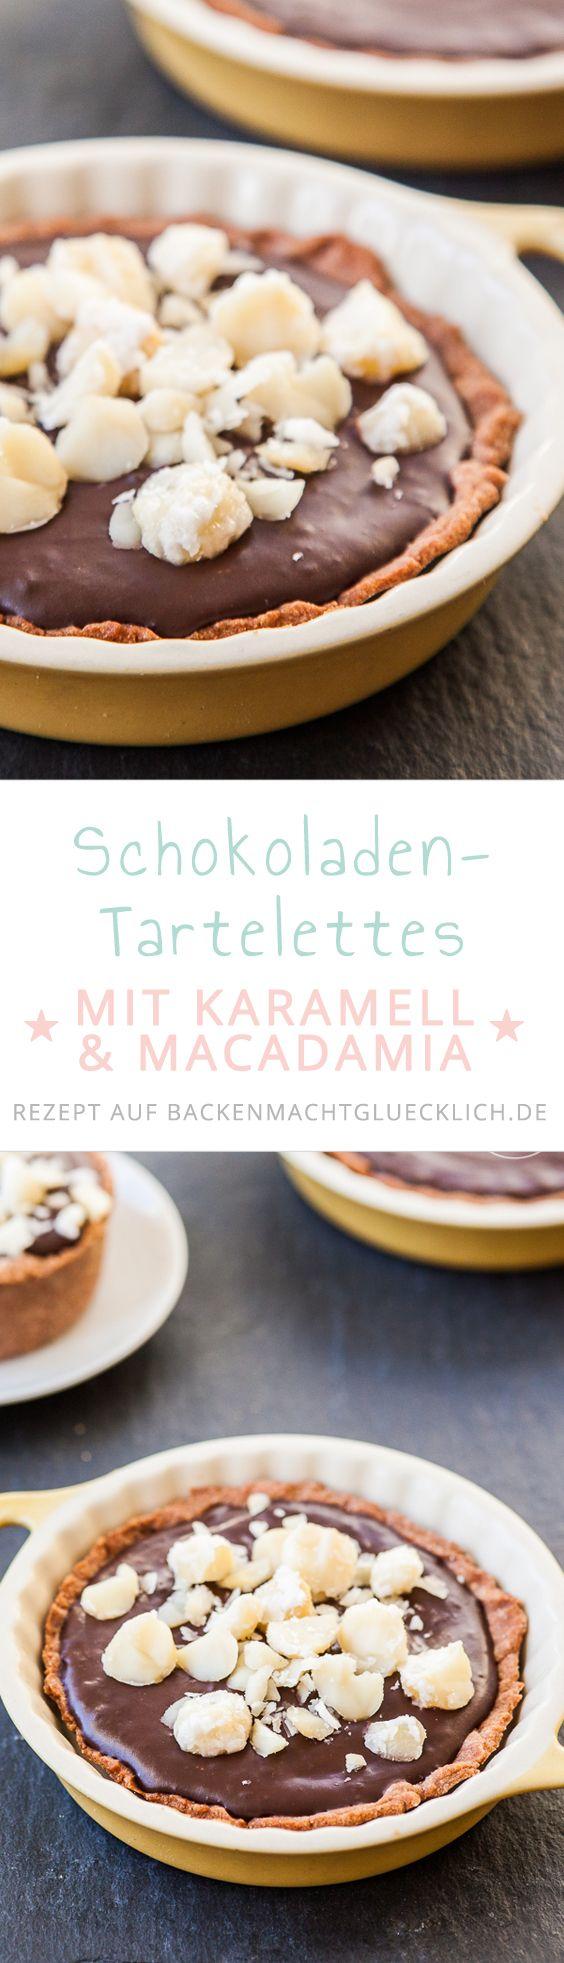 Schokoladen-Tartelettes mit zartschmelzender Creme und karamellisierten Nüssen. Ein perfektes Rezept für Schokoholics!